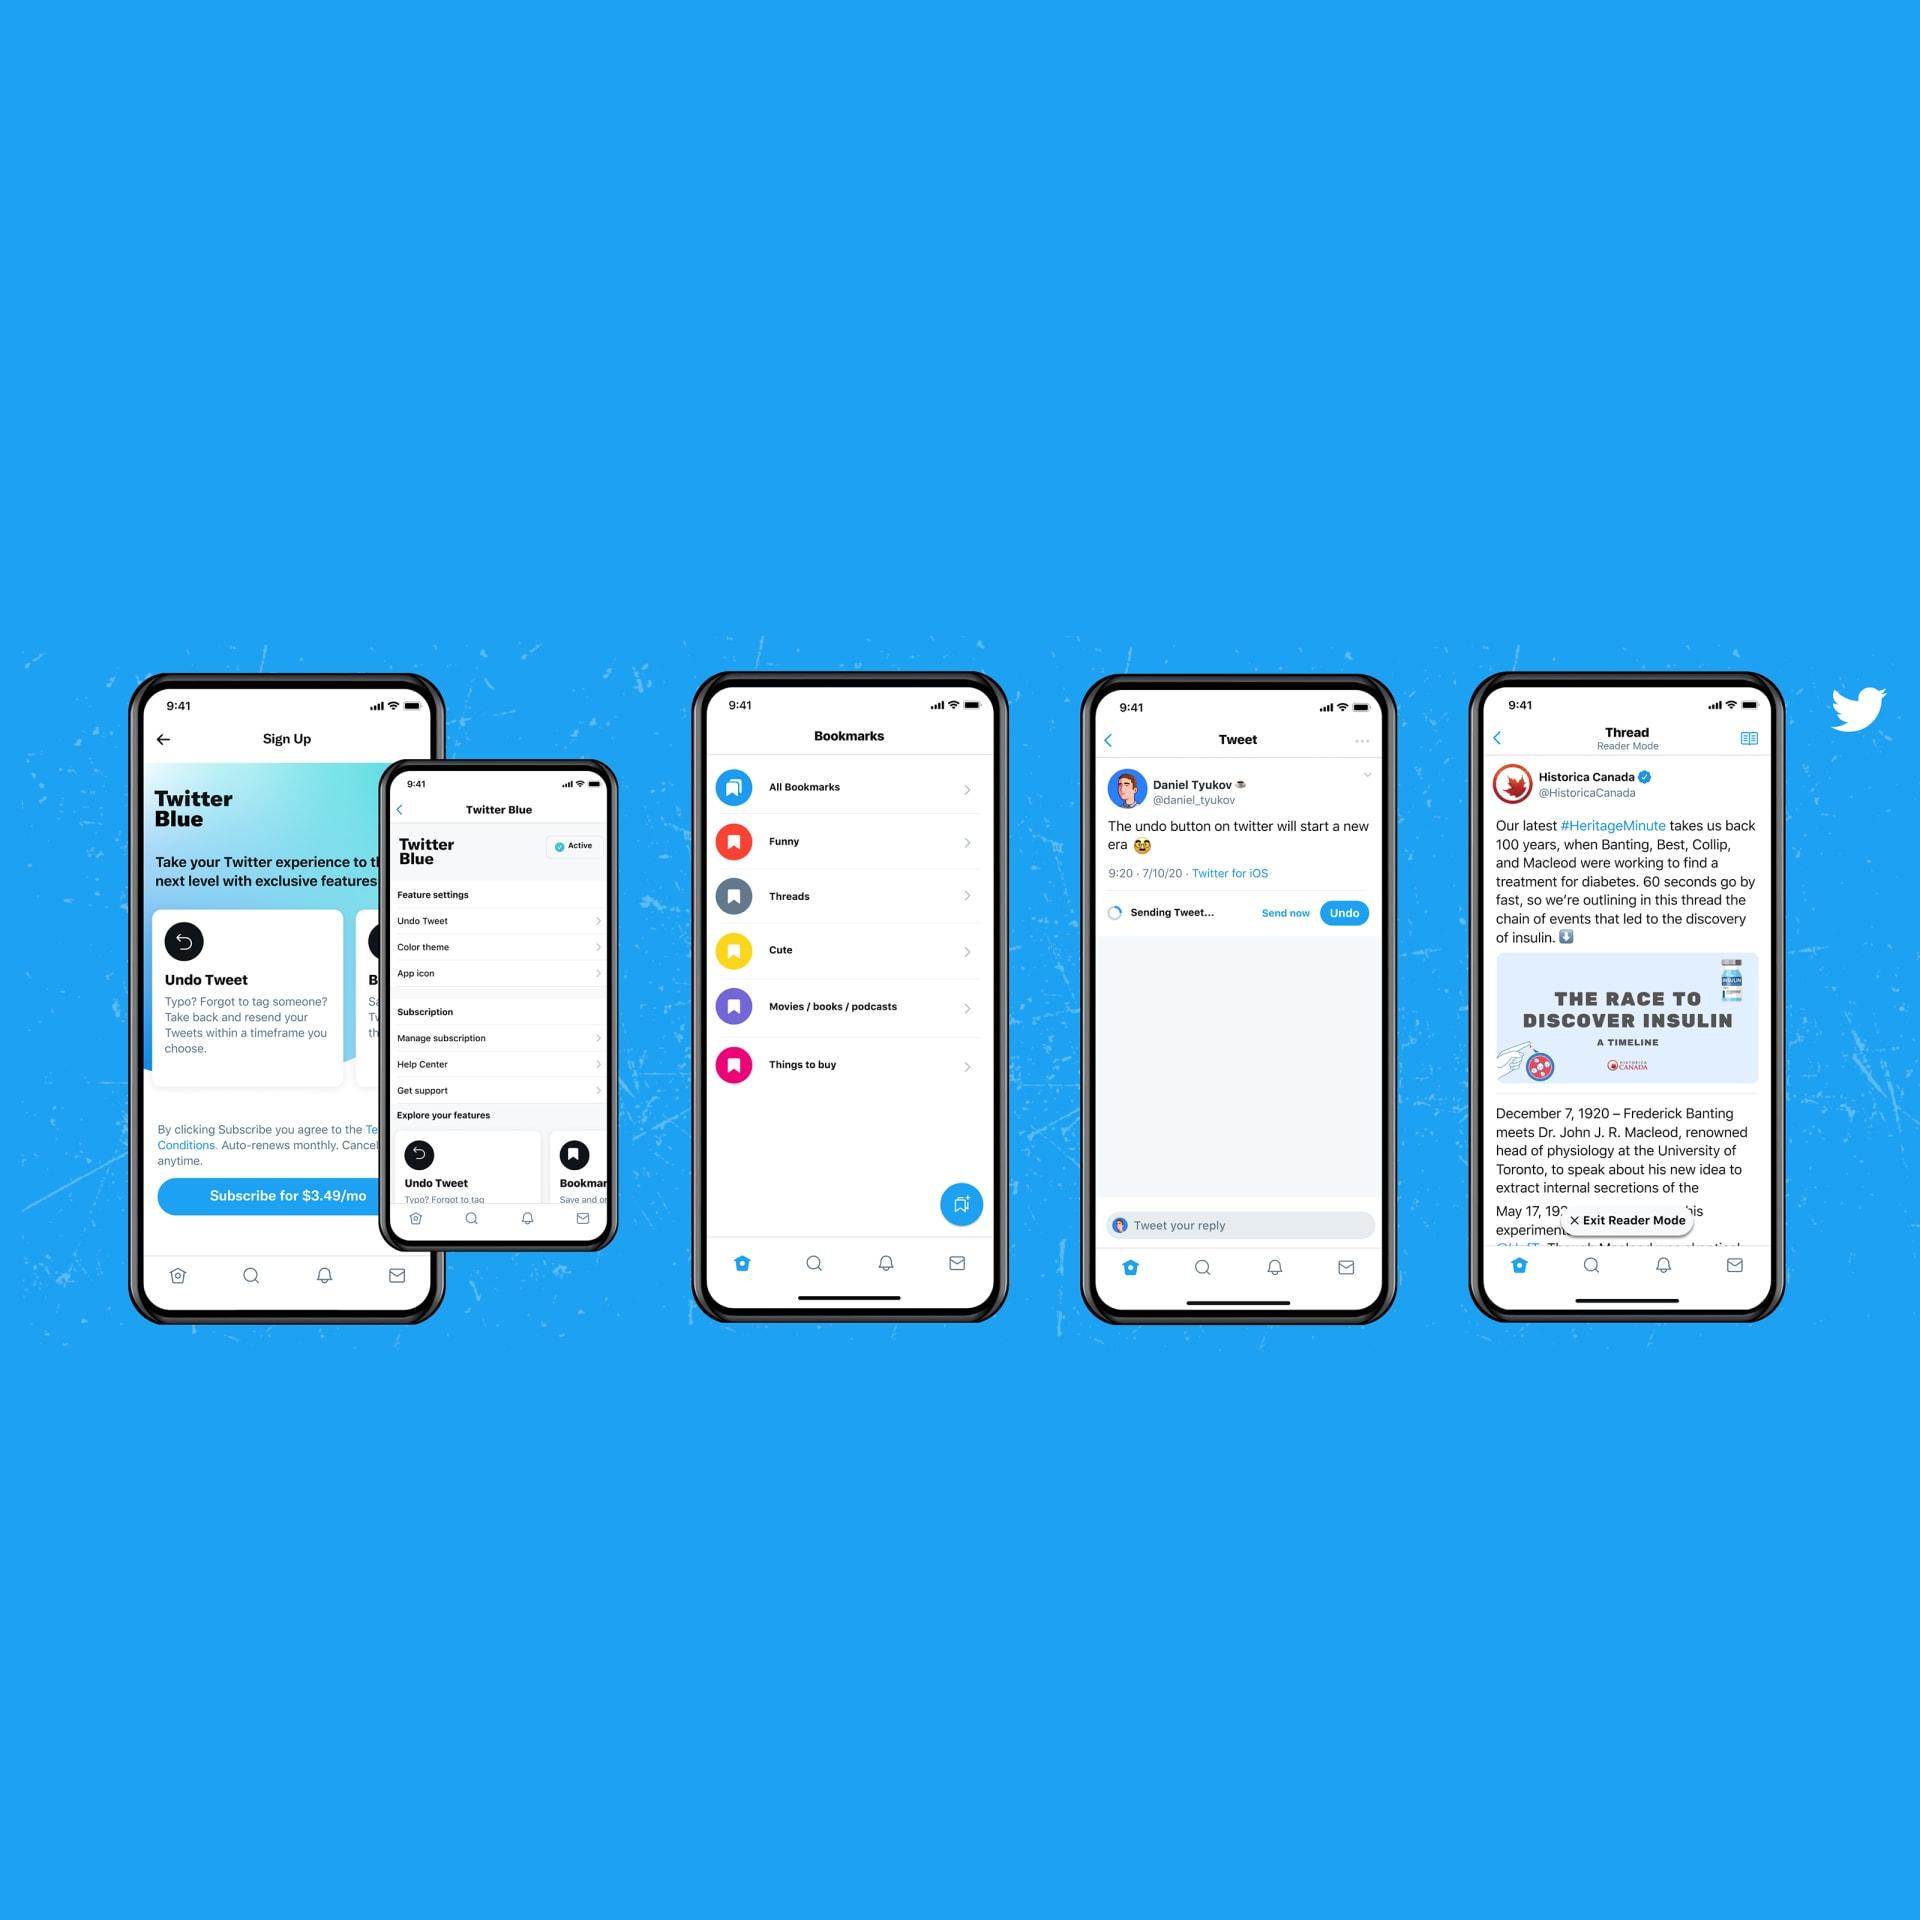 مقابل اشتراك مدفوع.. تويتر يطلق ميزة تمكّن المستخدمين من مراجعة تغريداتهم